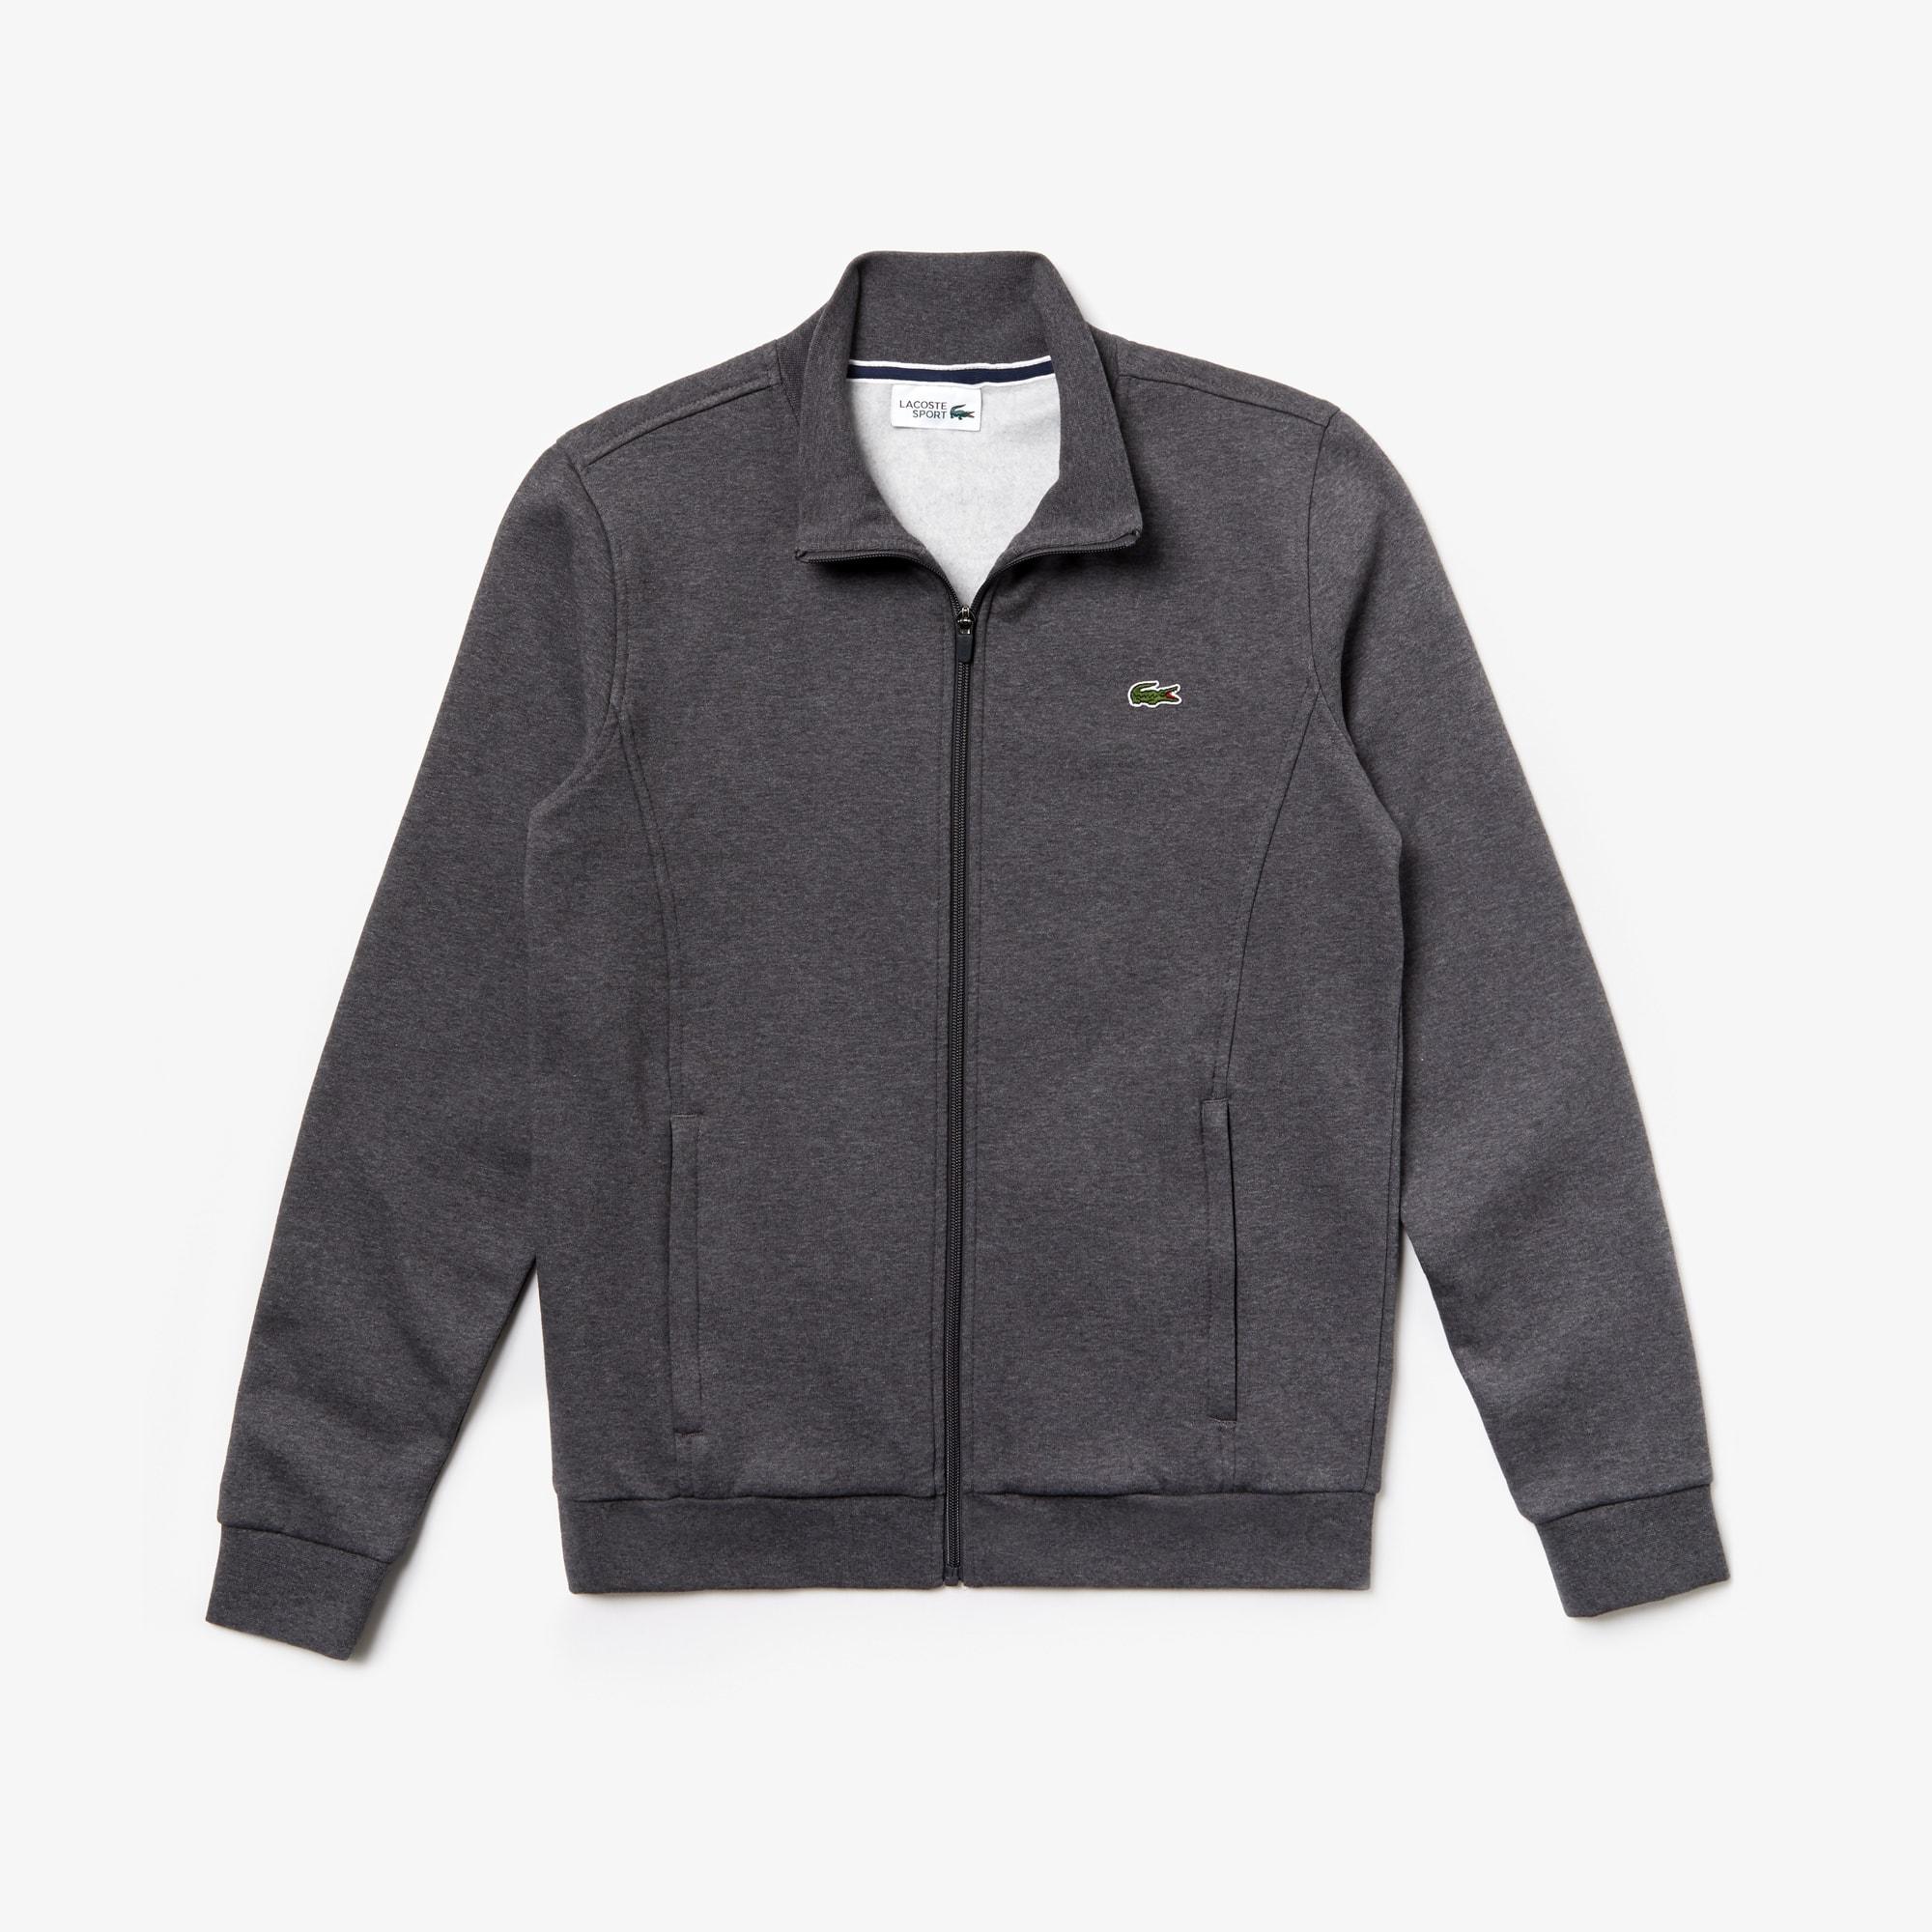 76d9bc5238 Sweatshirt Lacoste SPORT zippé en molleton | LACOSTE